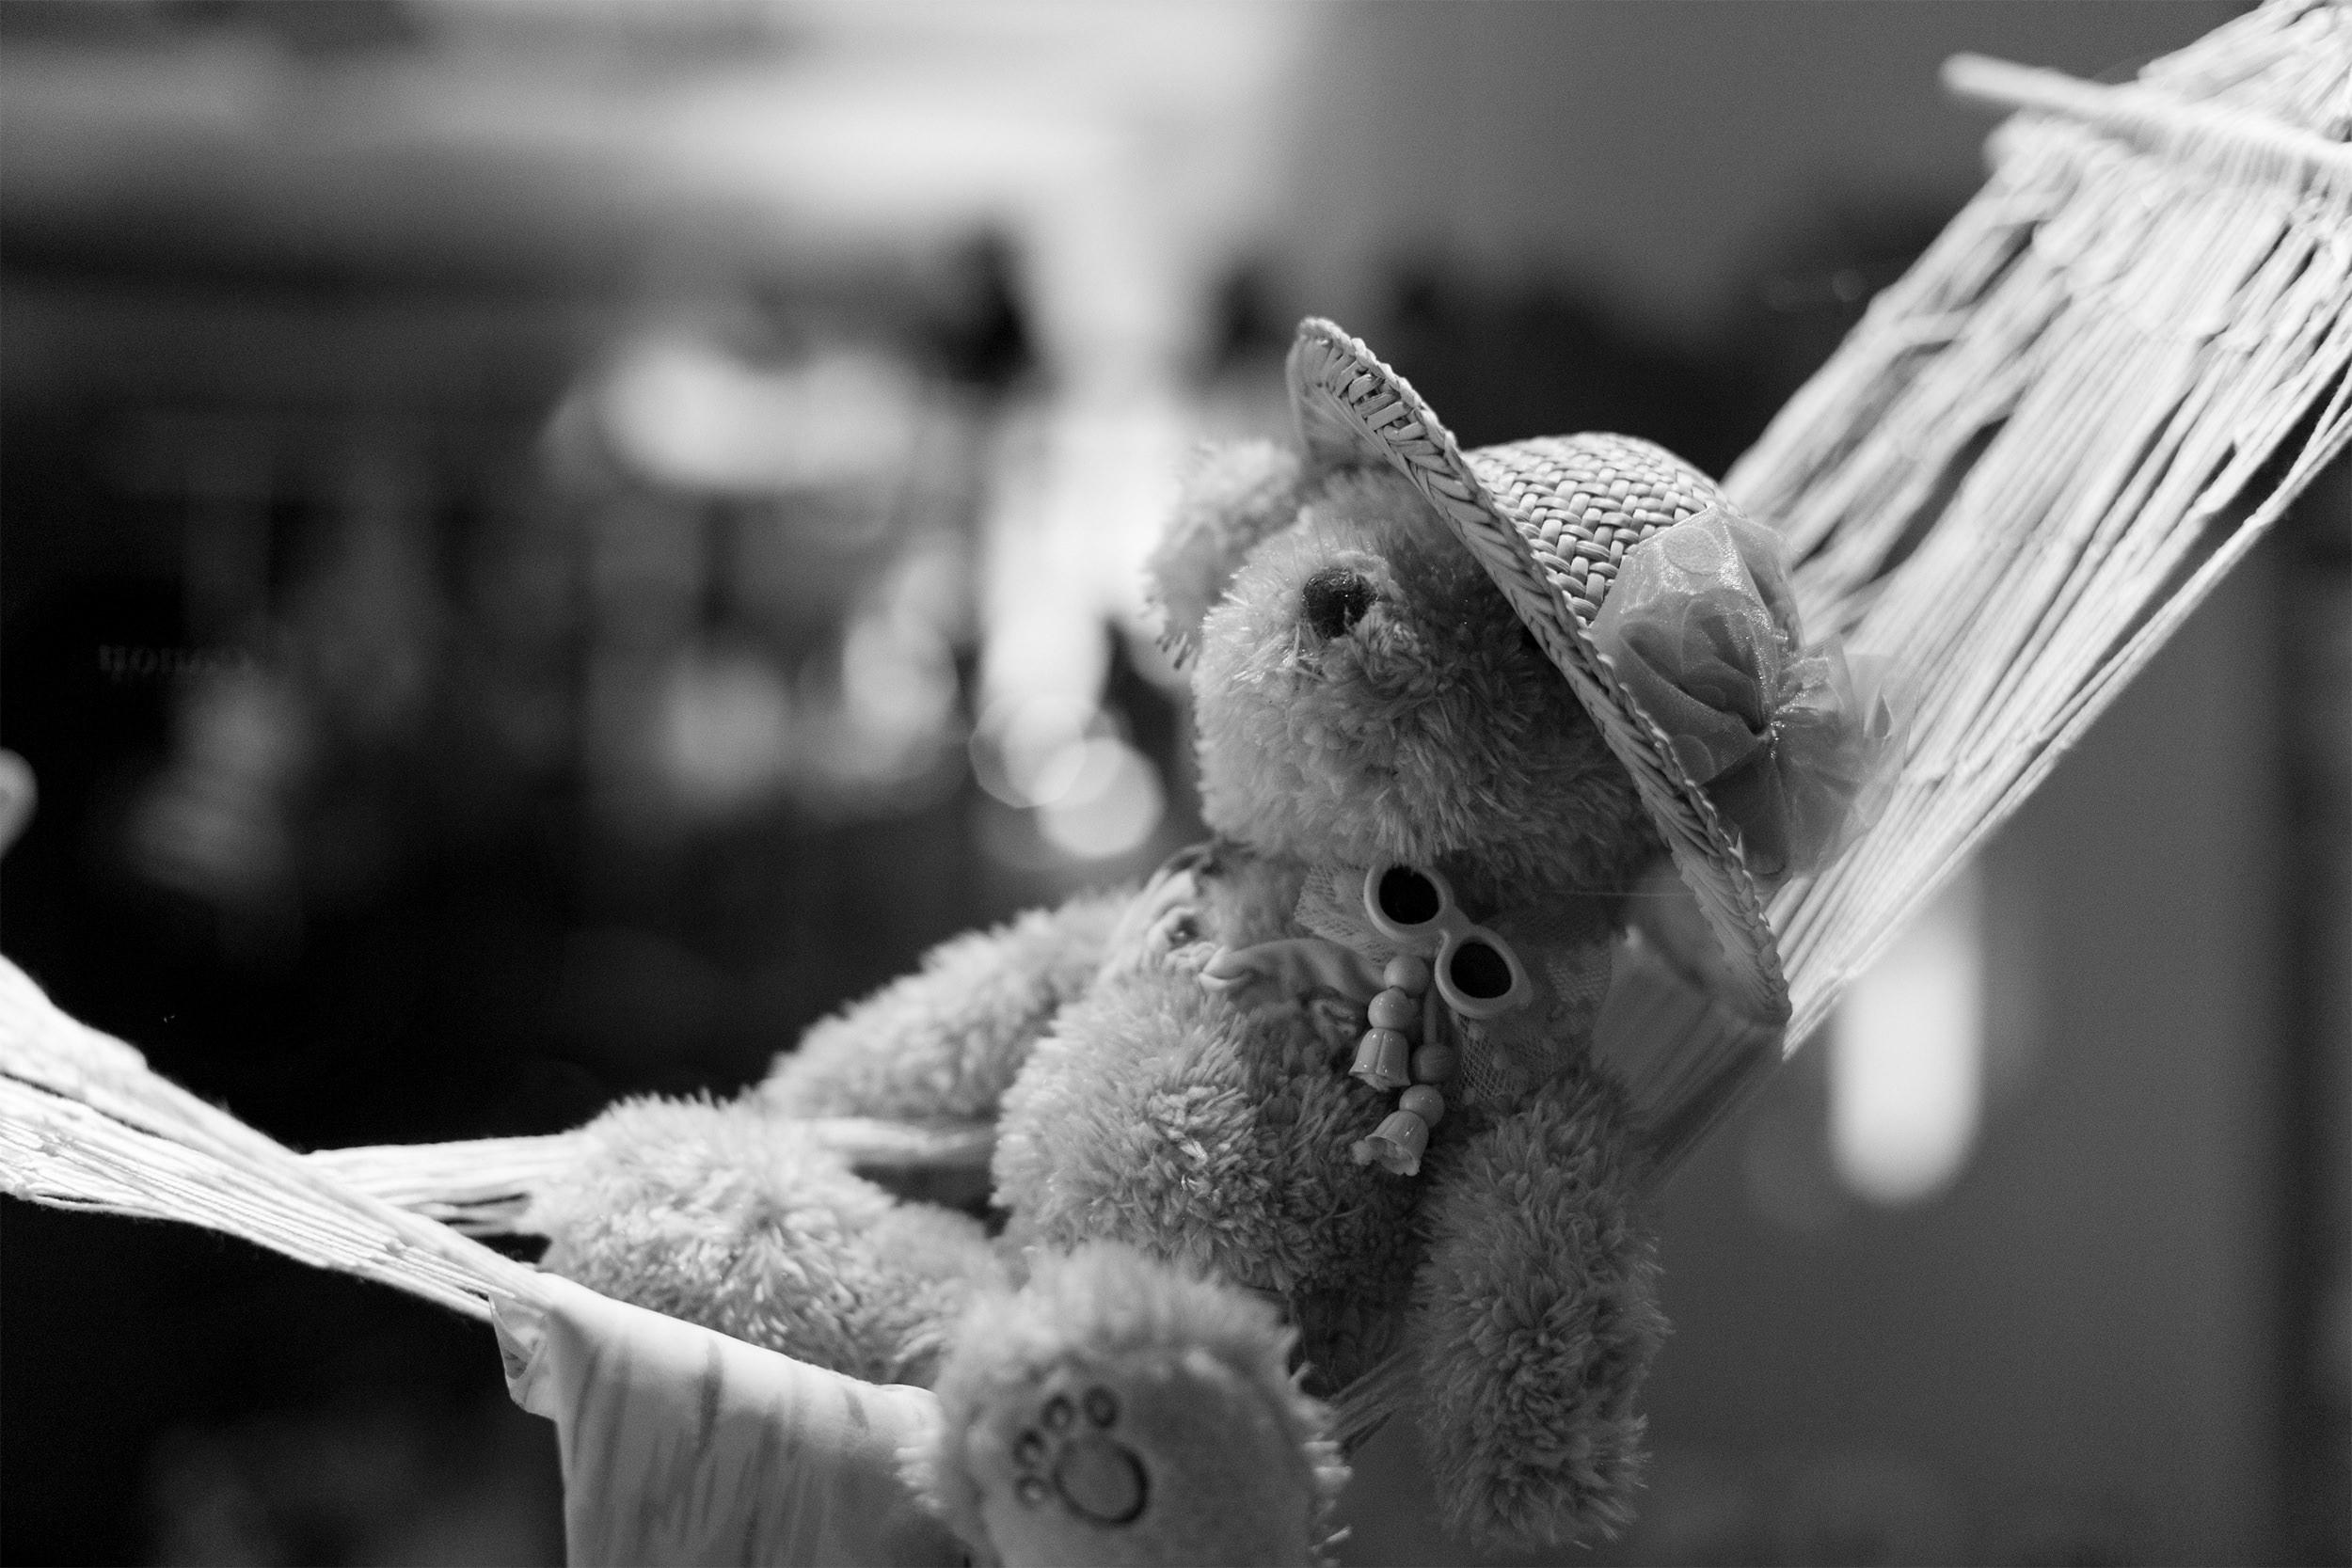 Ein kleiner Plüschteddy relaxed in einer Hängematte.